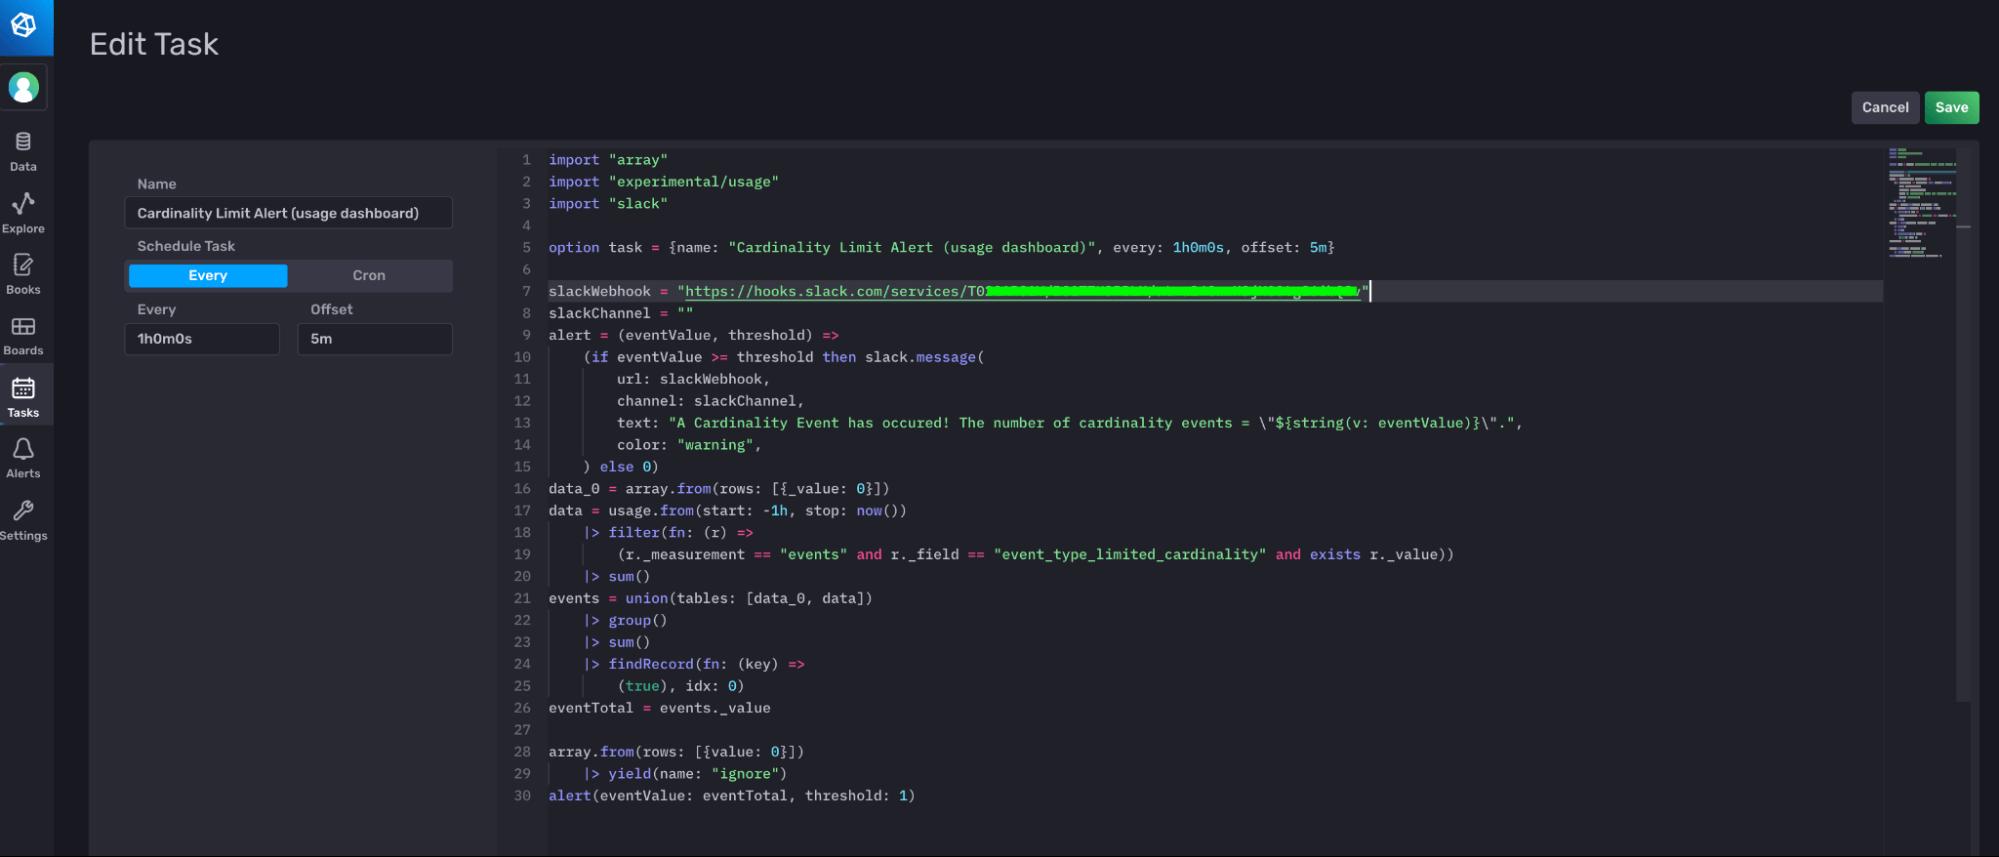 Edit Task dashboard